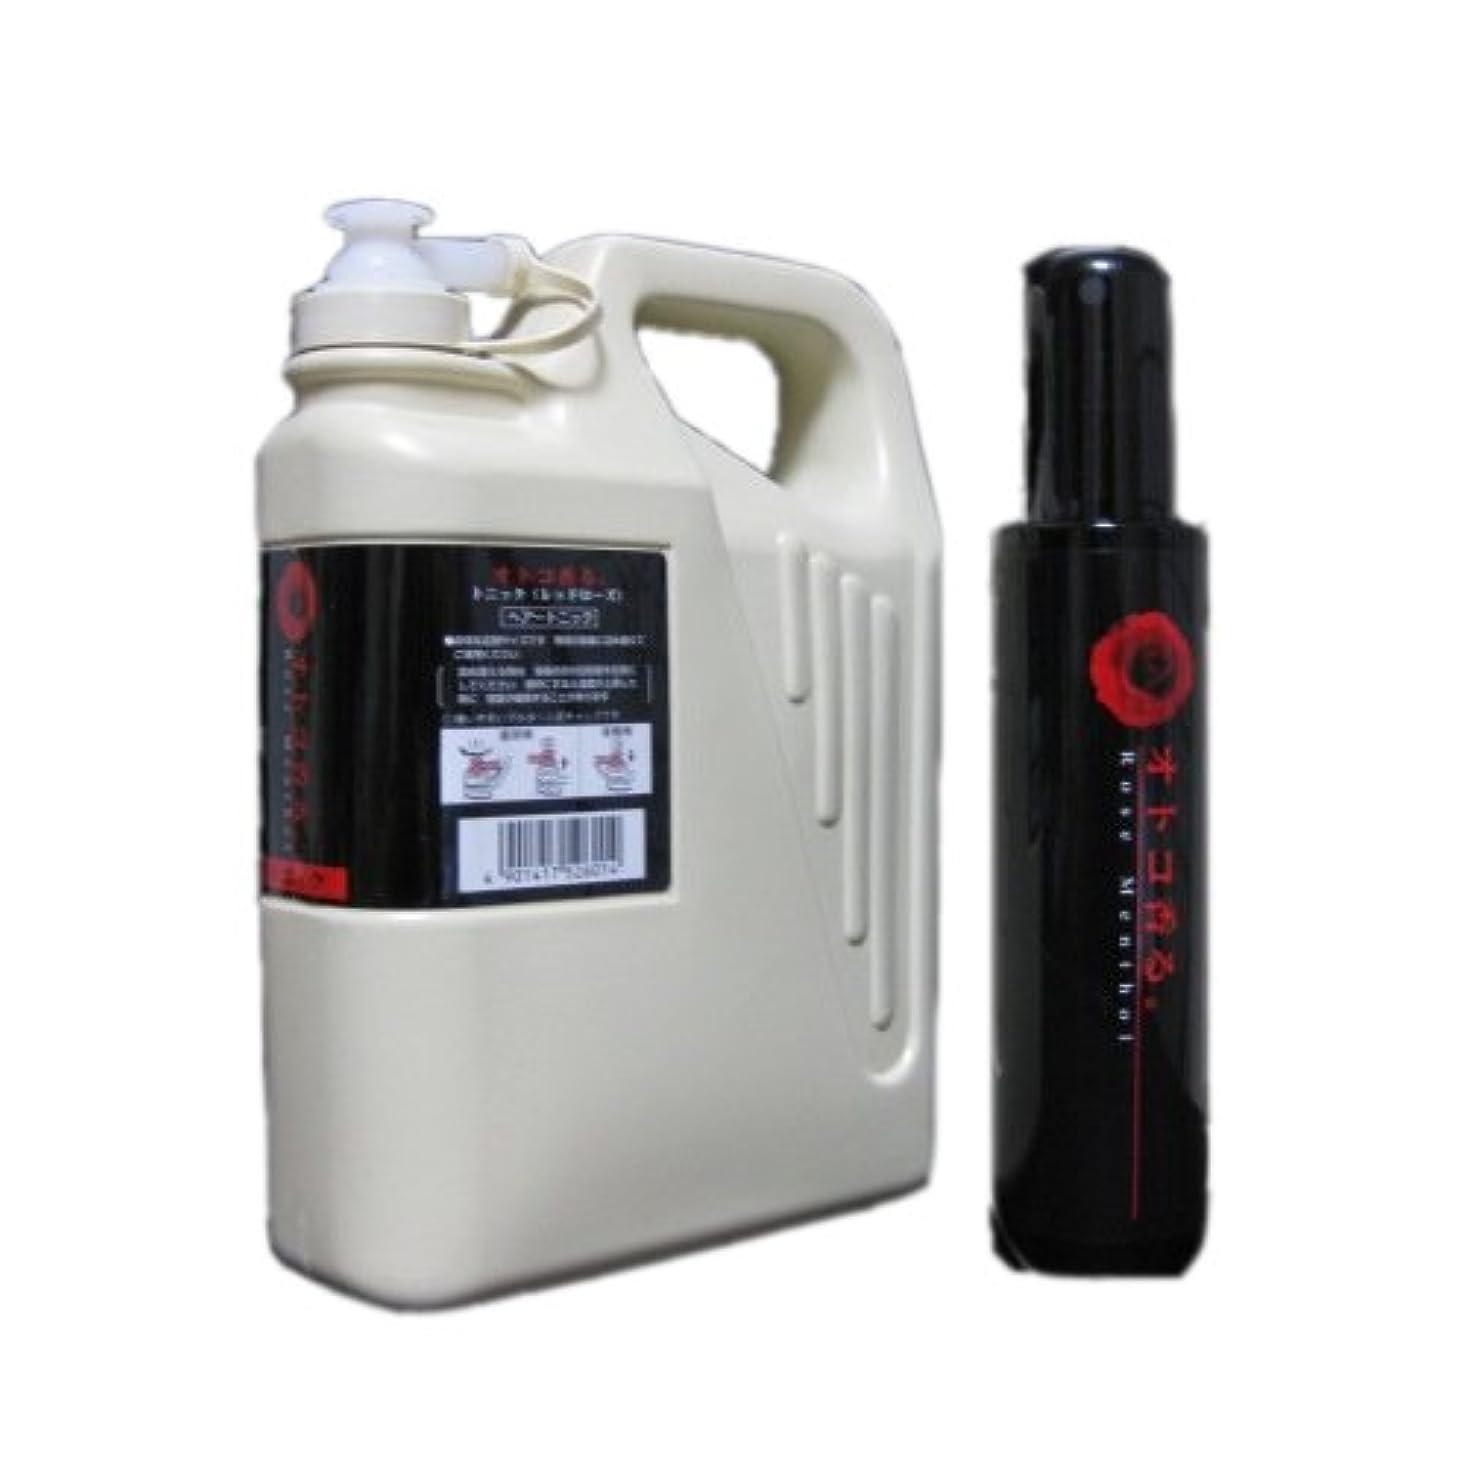 放射能季節幻想的クラシエ オトコ香る。フレグランストニック レッドローズ150ml+1050ml Lサイズ(業務?詰替用)セット